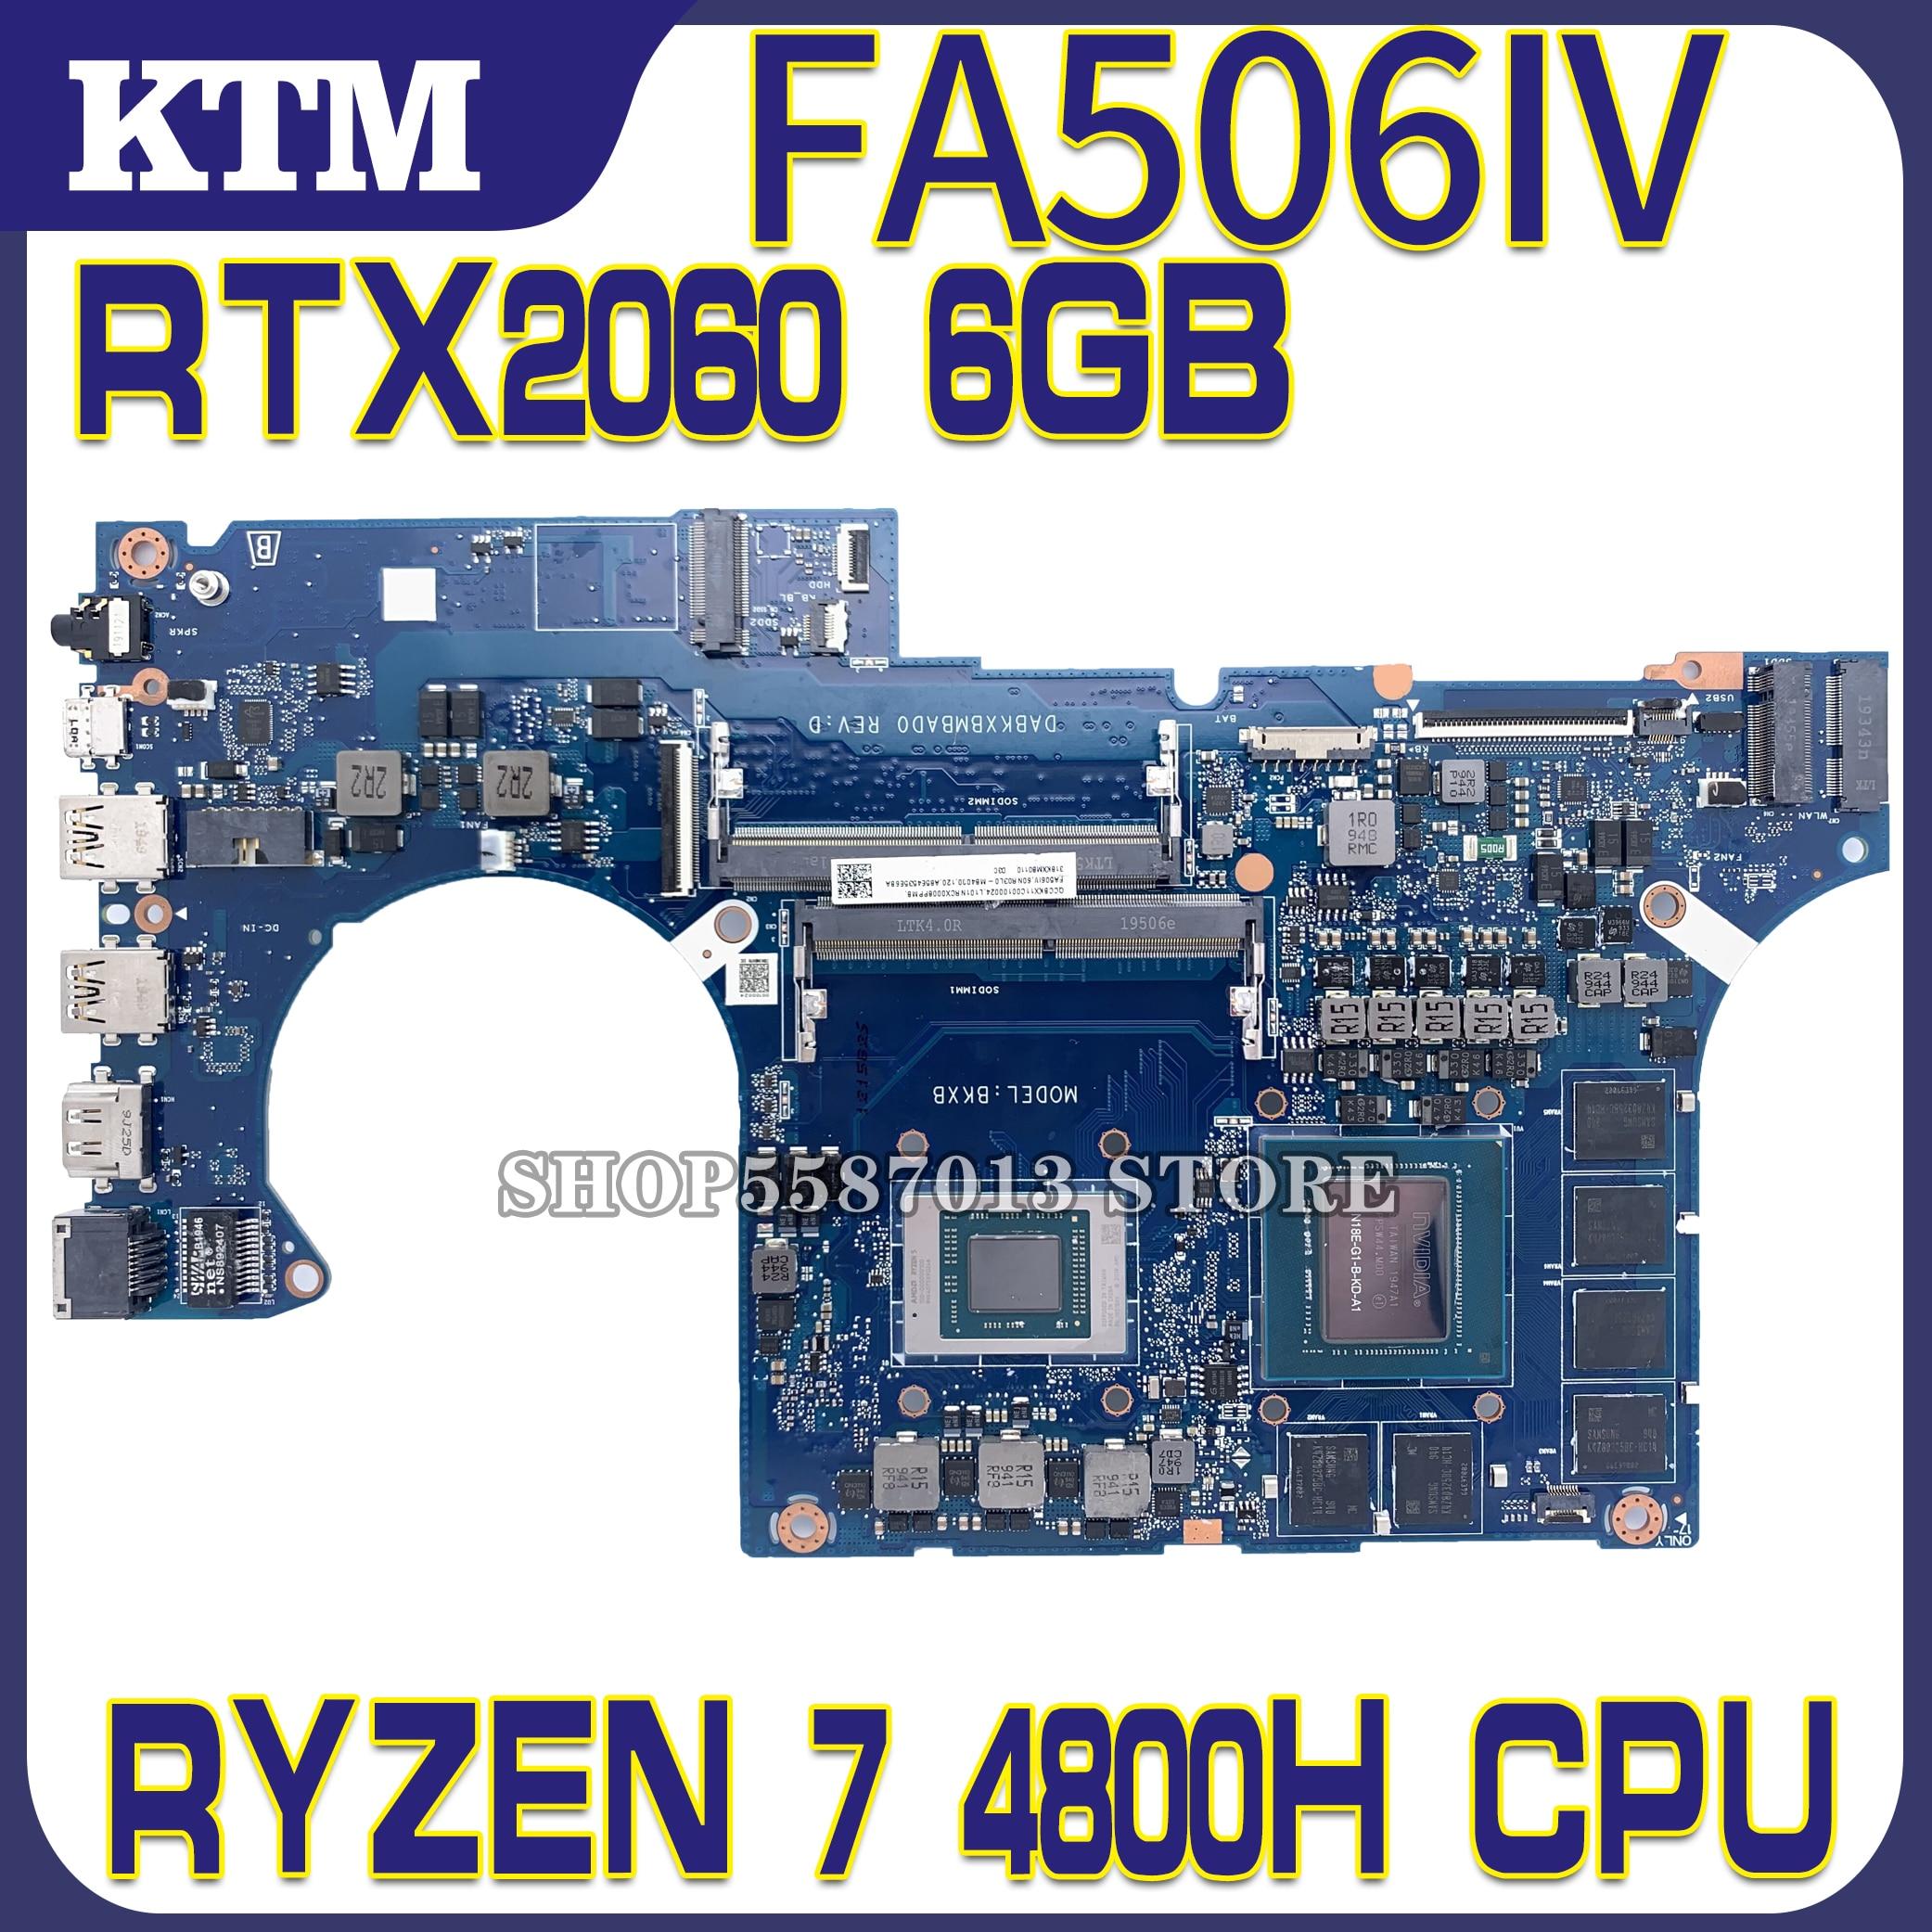 DABKXBMBAD0 placa base de Computadora Portátil para ASUS TUF de A15 FA506IV...